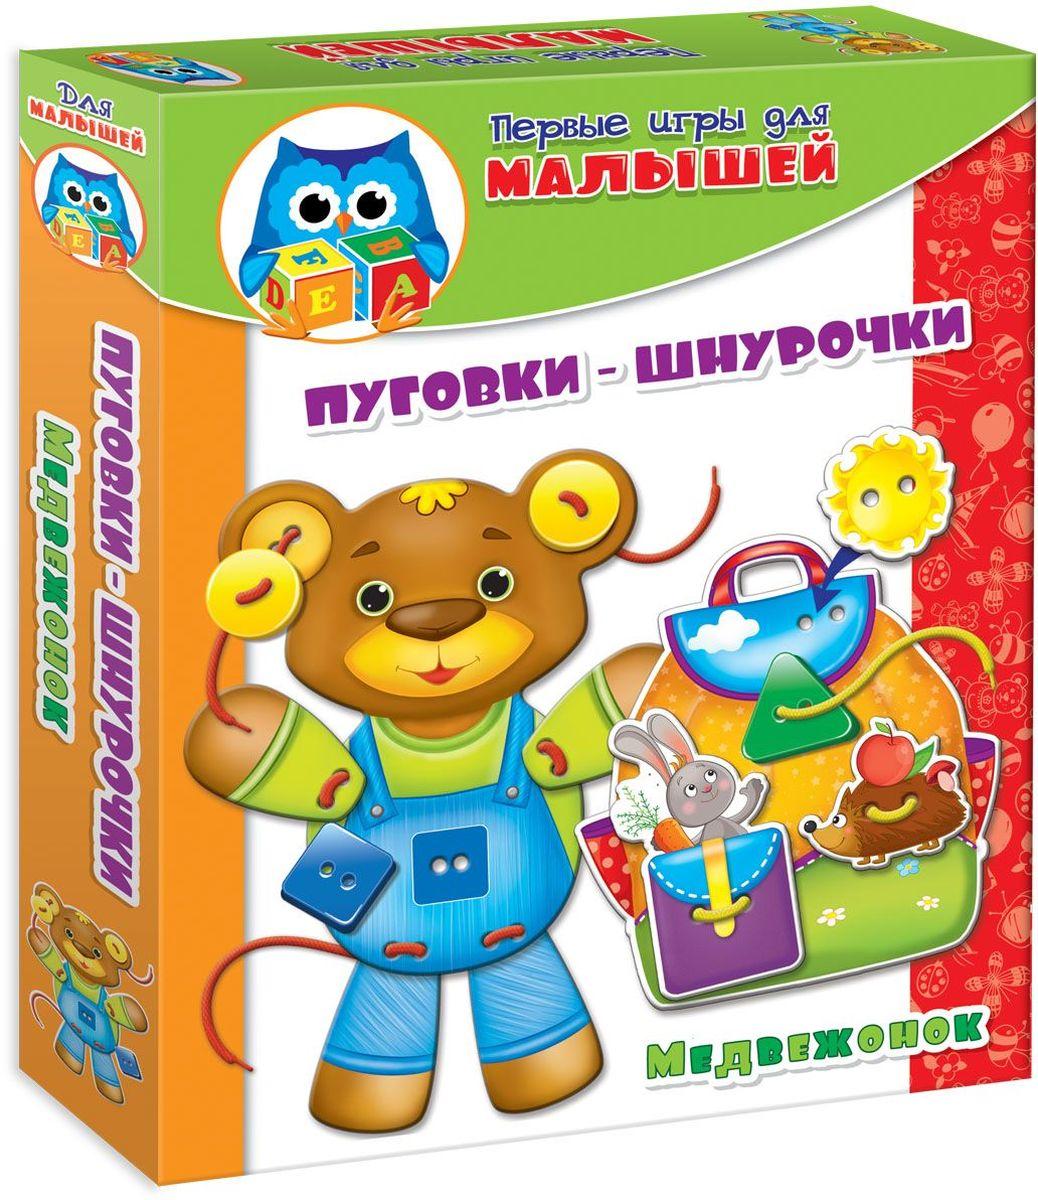 Vladi Toys Обучающая игра МедвежонокVT1307-10В набор Vladi Toys Медвежонок входят детали из плотного картона для создания фигурки медвежонка с помощью шнурка. Также в наборе рюкзачок, кармашки и красочные крупные пуговицы, которые нужно пришнуровать к нему. Яркие персонажи, шнурочки и крупные разноцветные пуговки придутся по душе вашему малышу.